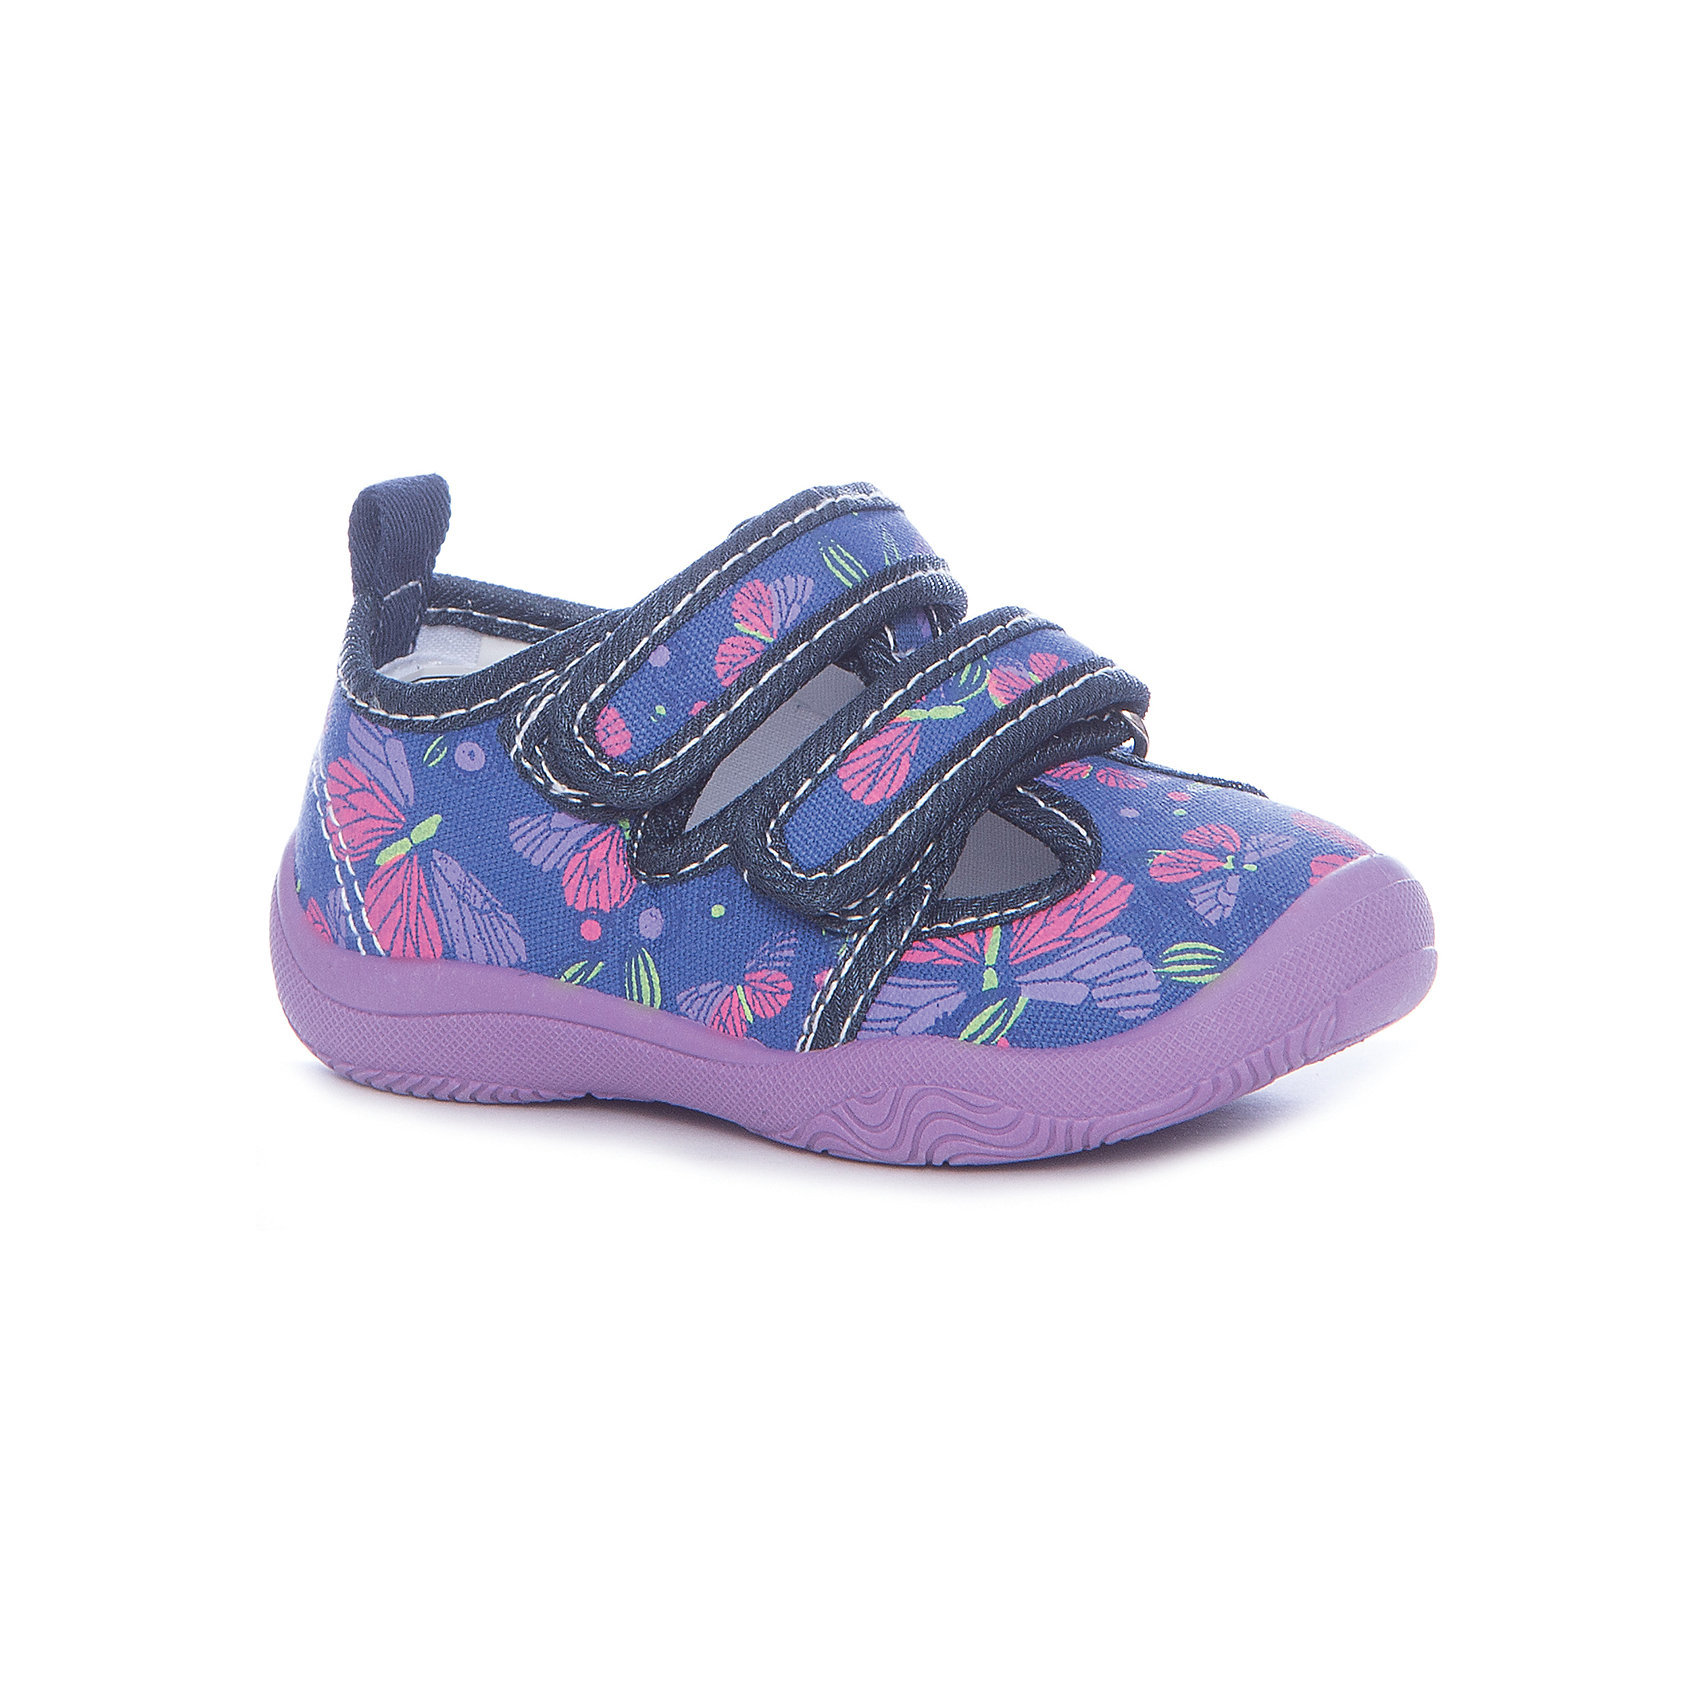 Текстильная обувь Mursu для девочкиТекстильные туфли<br>Характеристики товара:<br><br>• цвет: фиолетовый<br>• материал верха: текстиль<br>• подклад: текстиль<br>• стелька: натуральная кожа<br>• подошва: ПВХ<br>• сезон: круглый год<br>• особенности модели: спортивный стиль<br>• застежка: резинка<br>• защита мыса<br>• анатомические <br>• страна бренда: Финляндия<br>• страна изготовитель: Китай<br><br>Текстильную обувь Mursu можно использовать как сменную в детском саду, так и для прогулок или как повседневную. Удобная форма позволяет быстро надеть и снять обувь. <br><br>Качественные материалы обеспечивают комфортные условия для ног. Универсальный цвет подходит практически под любой наряд.<br><br>Обувь Мурсу - это качественная финская продукция, которая помогает детям выглядеть модно и чувствовать себя удобно.<br><br>Текстильную обувь для девочки Mursu можно купить в нашем интернет-магазине.<br><br>Ширина мм: 227<br>Глубина мм: 145<br>Высота мм: 124<br>Вес г: 325<br>Цвет: лиловый<br>Возраст от месяцев: 24<br>Возраст до месяцев: 24<br>Пол: Женский<br>Возраст: Детский<br>Размер: 25,26,21,22,23,24<br>SKU: 6852031